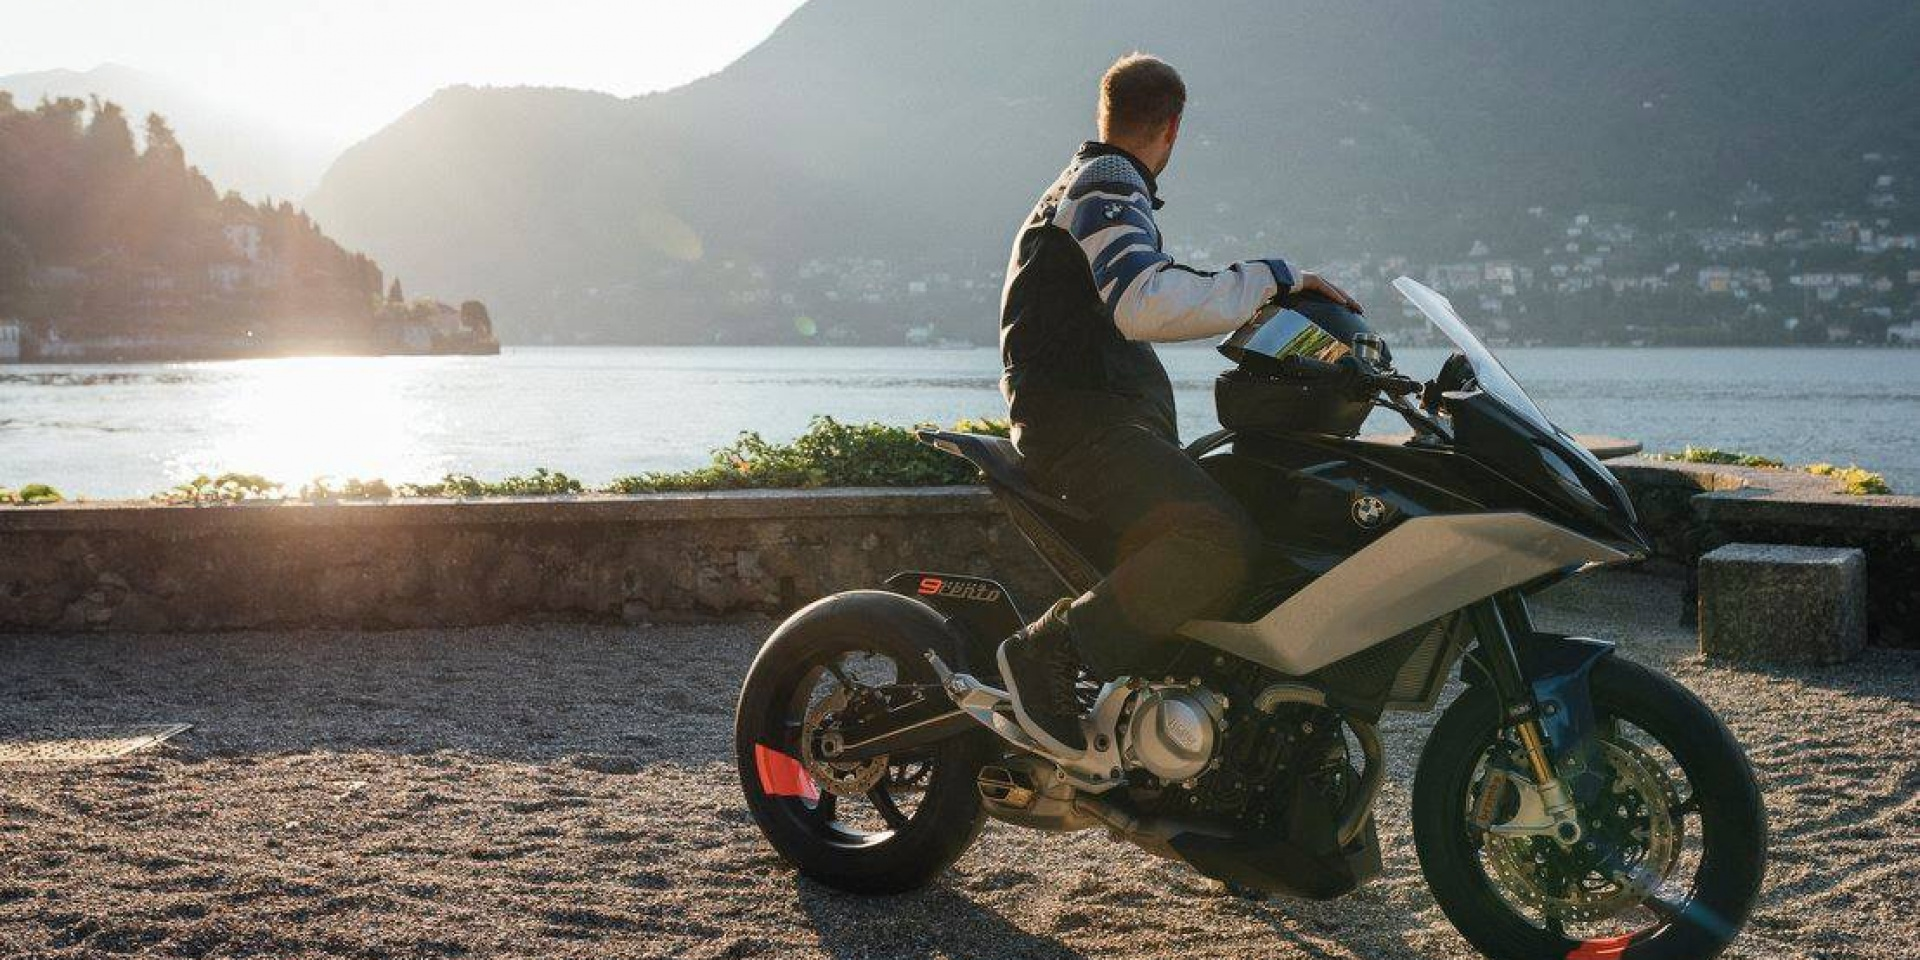 德意志Grand Tourer! BMW Motorrad Concept 9cento